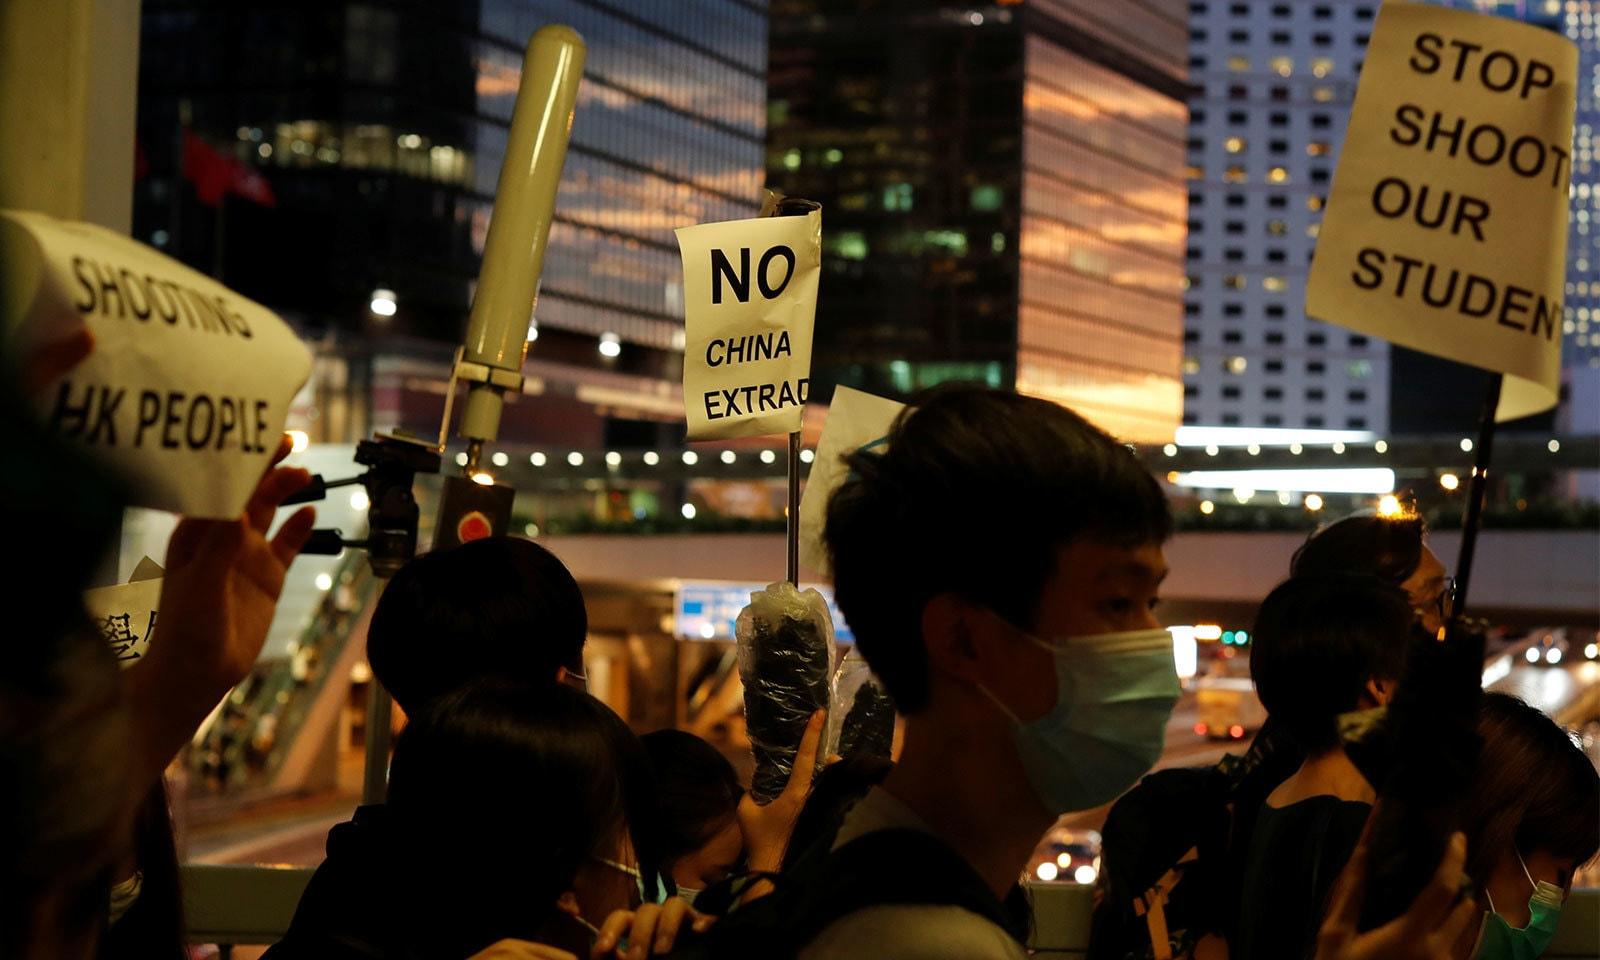 اس دوران مظاہرین مقامی اور دیگر زبانوں میں پلے کارڈز اٹھائے ہوئے نظر ٓئے — فوٹو: رائٹرز